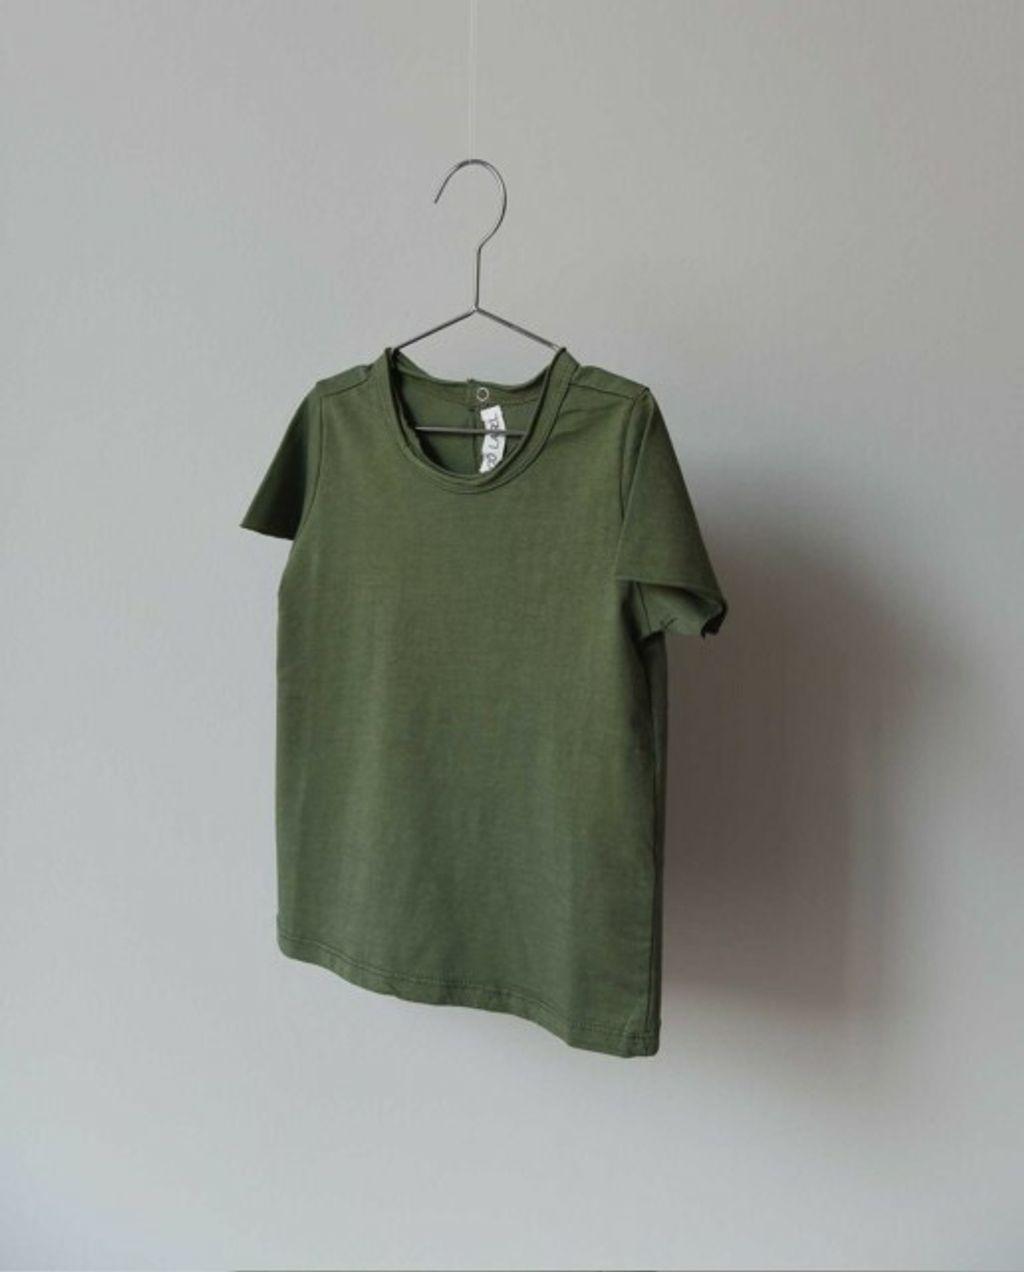 co-label-TSHIRT-NOR-GREEN-01-uai-516x641.jpg